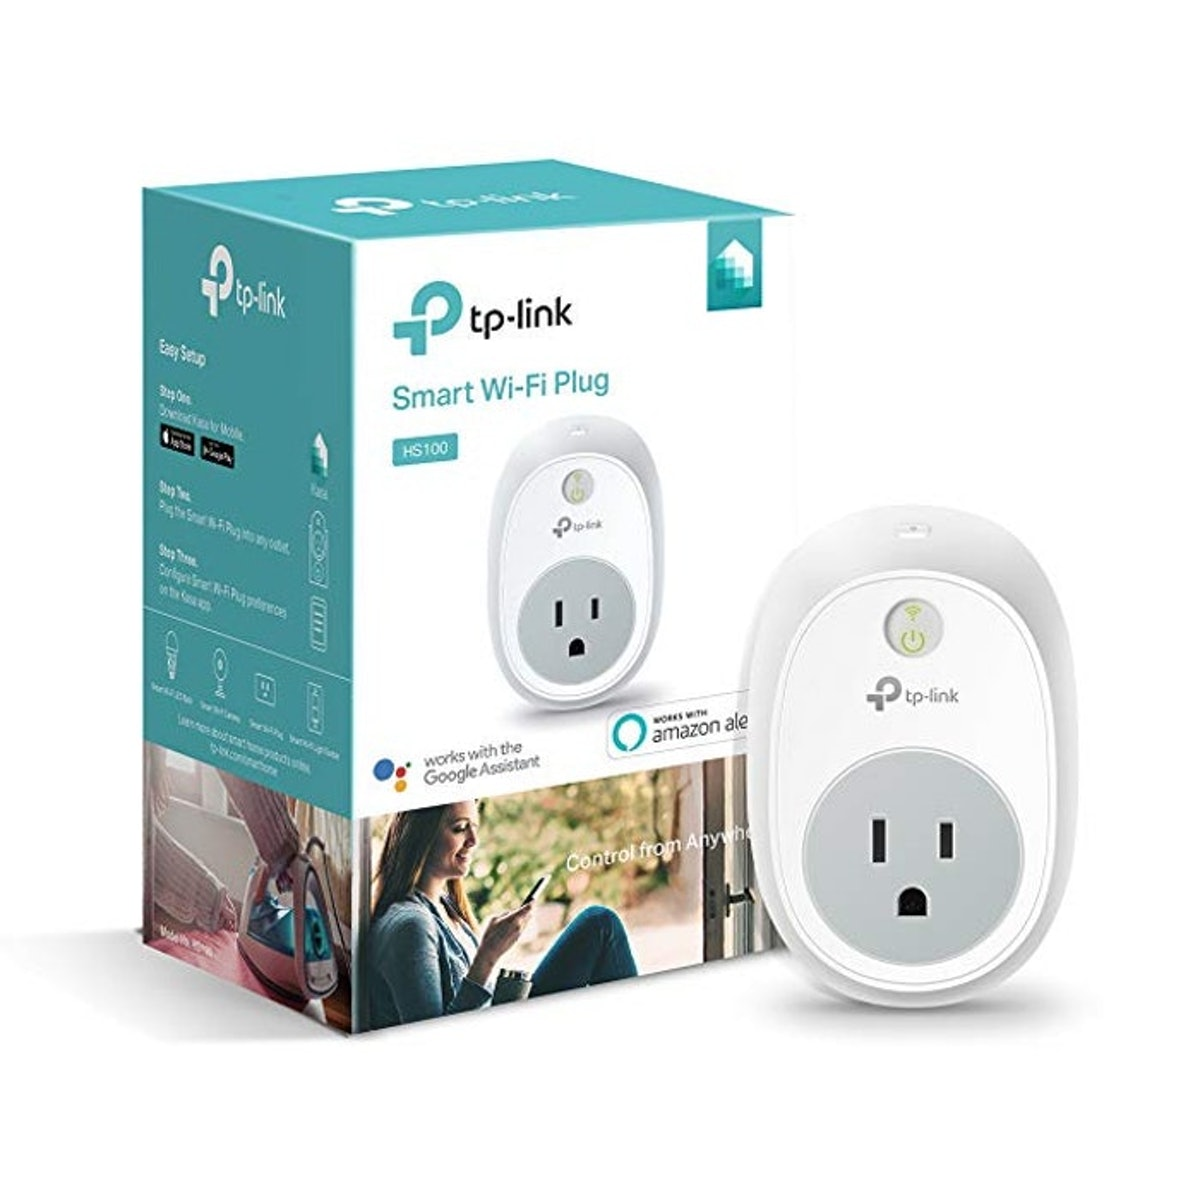 Kasa Smart WiFi Plug by TP-Link